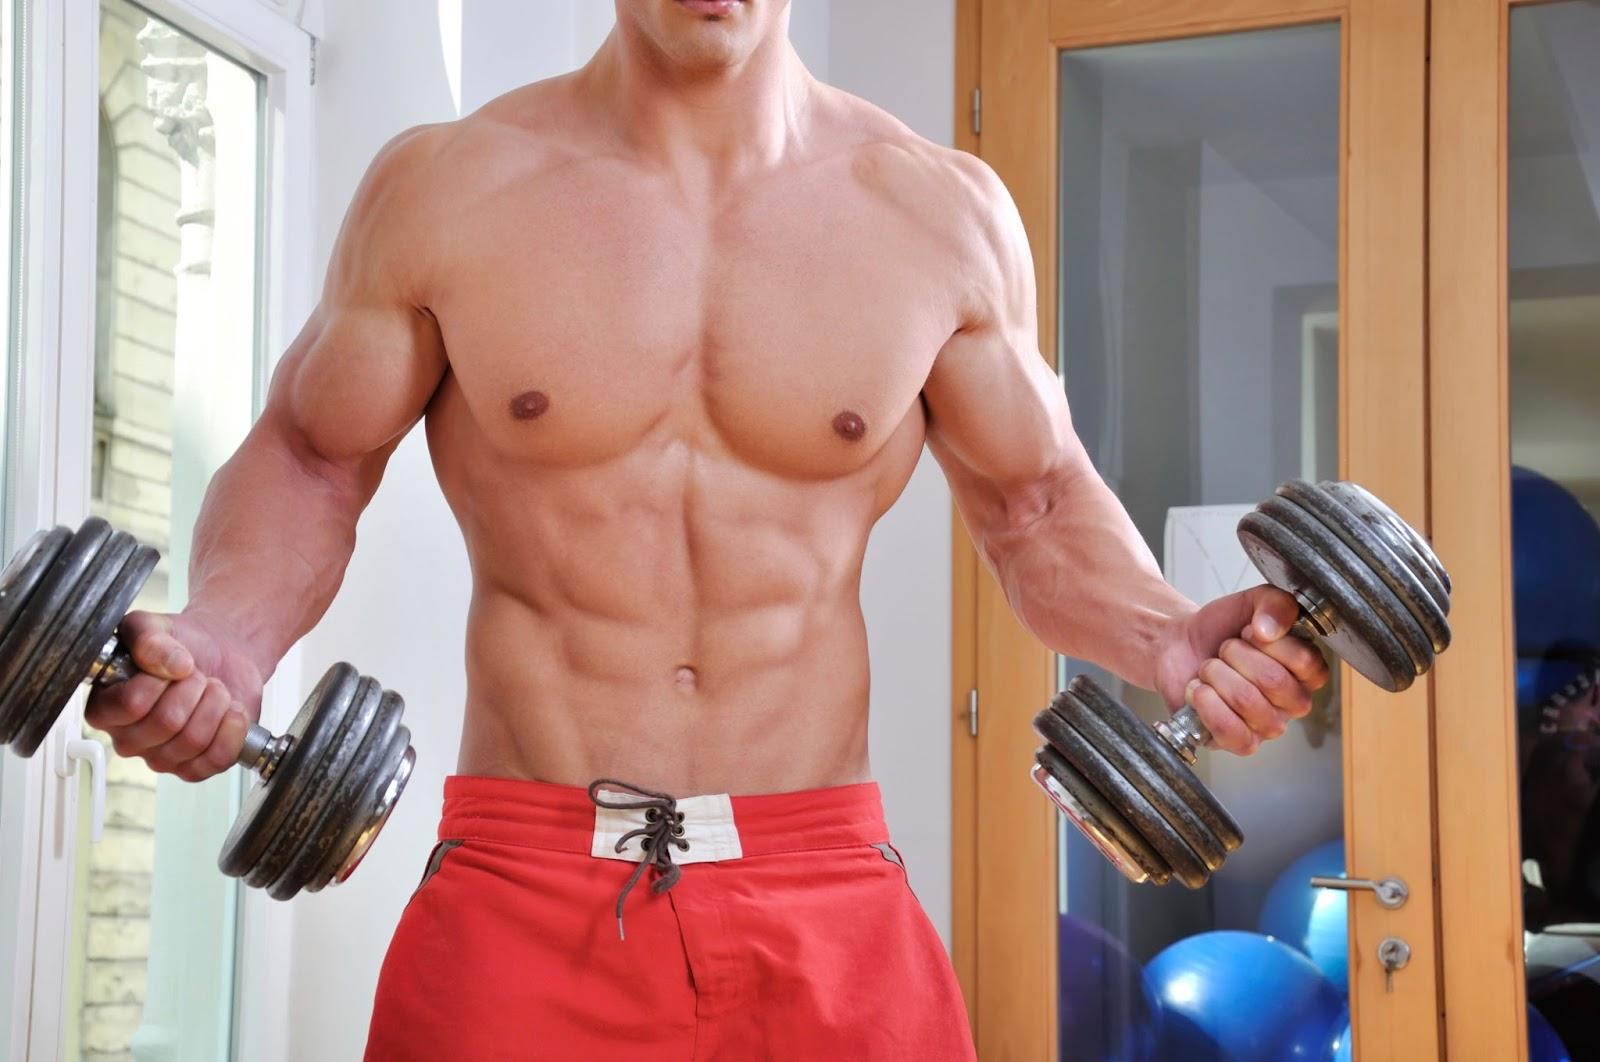 Dieta estricta para aumentar masa muscular